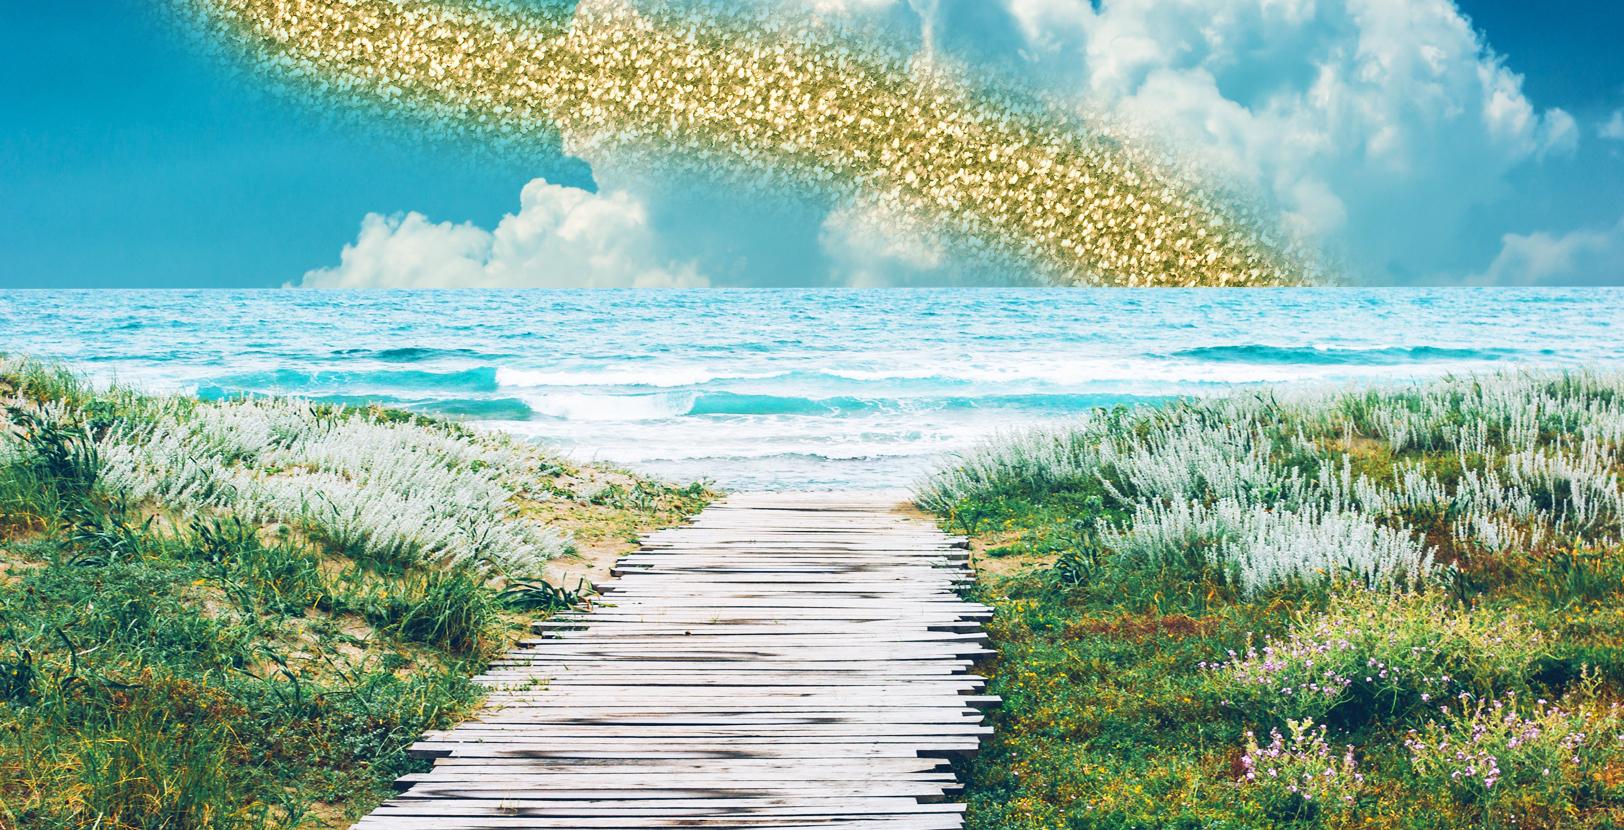 Voglia di mare ma non di fare la coda? Le spiagge raggiungibili in treno più belle